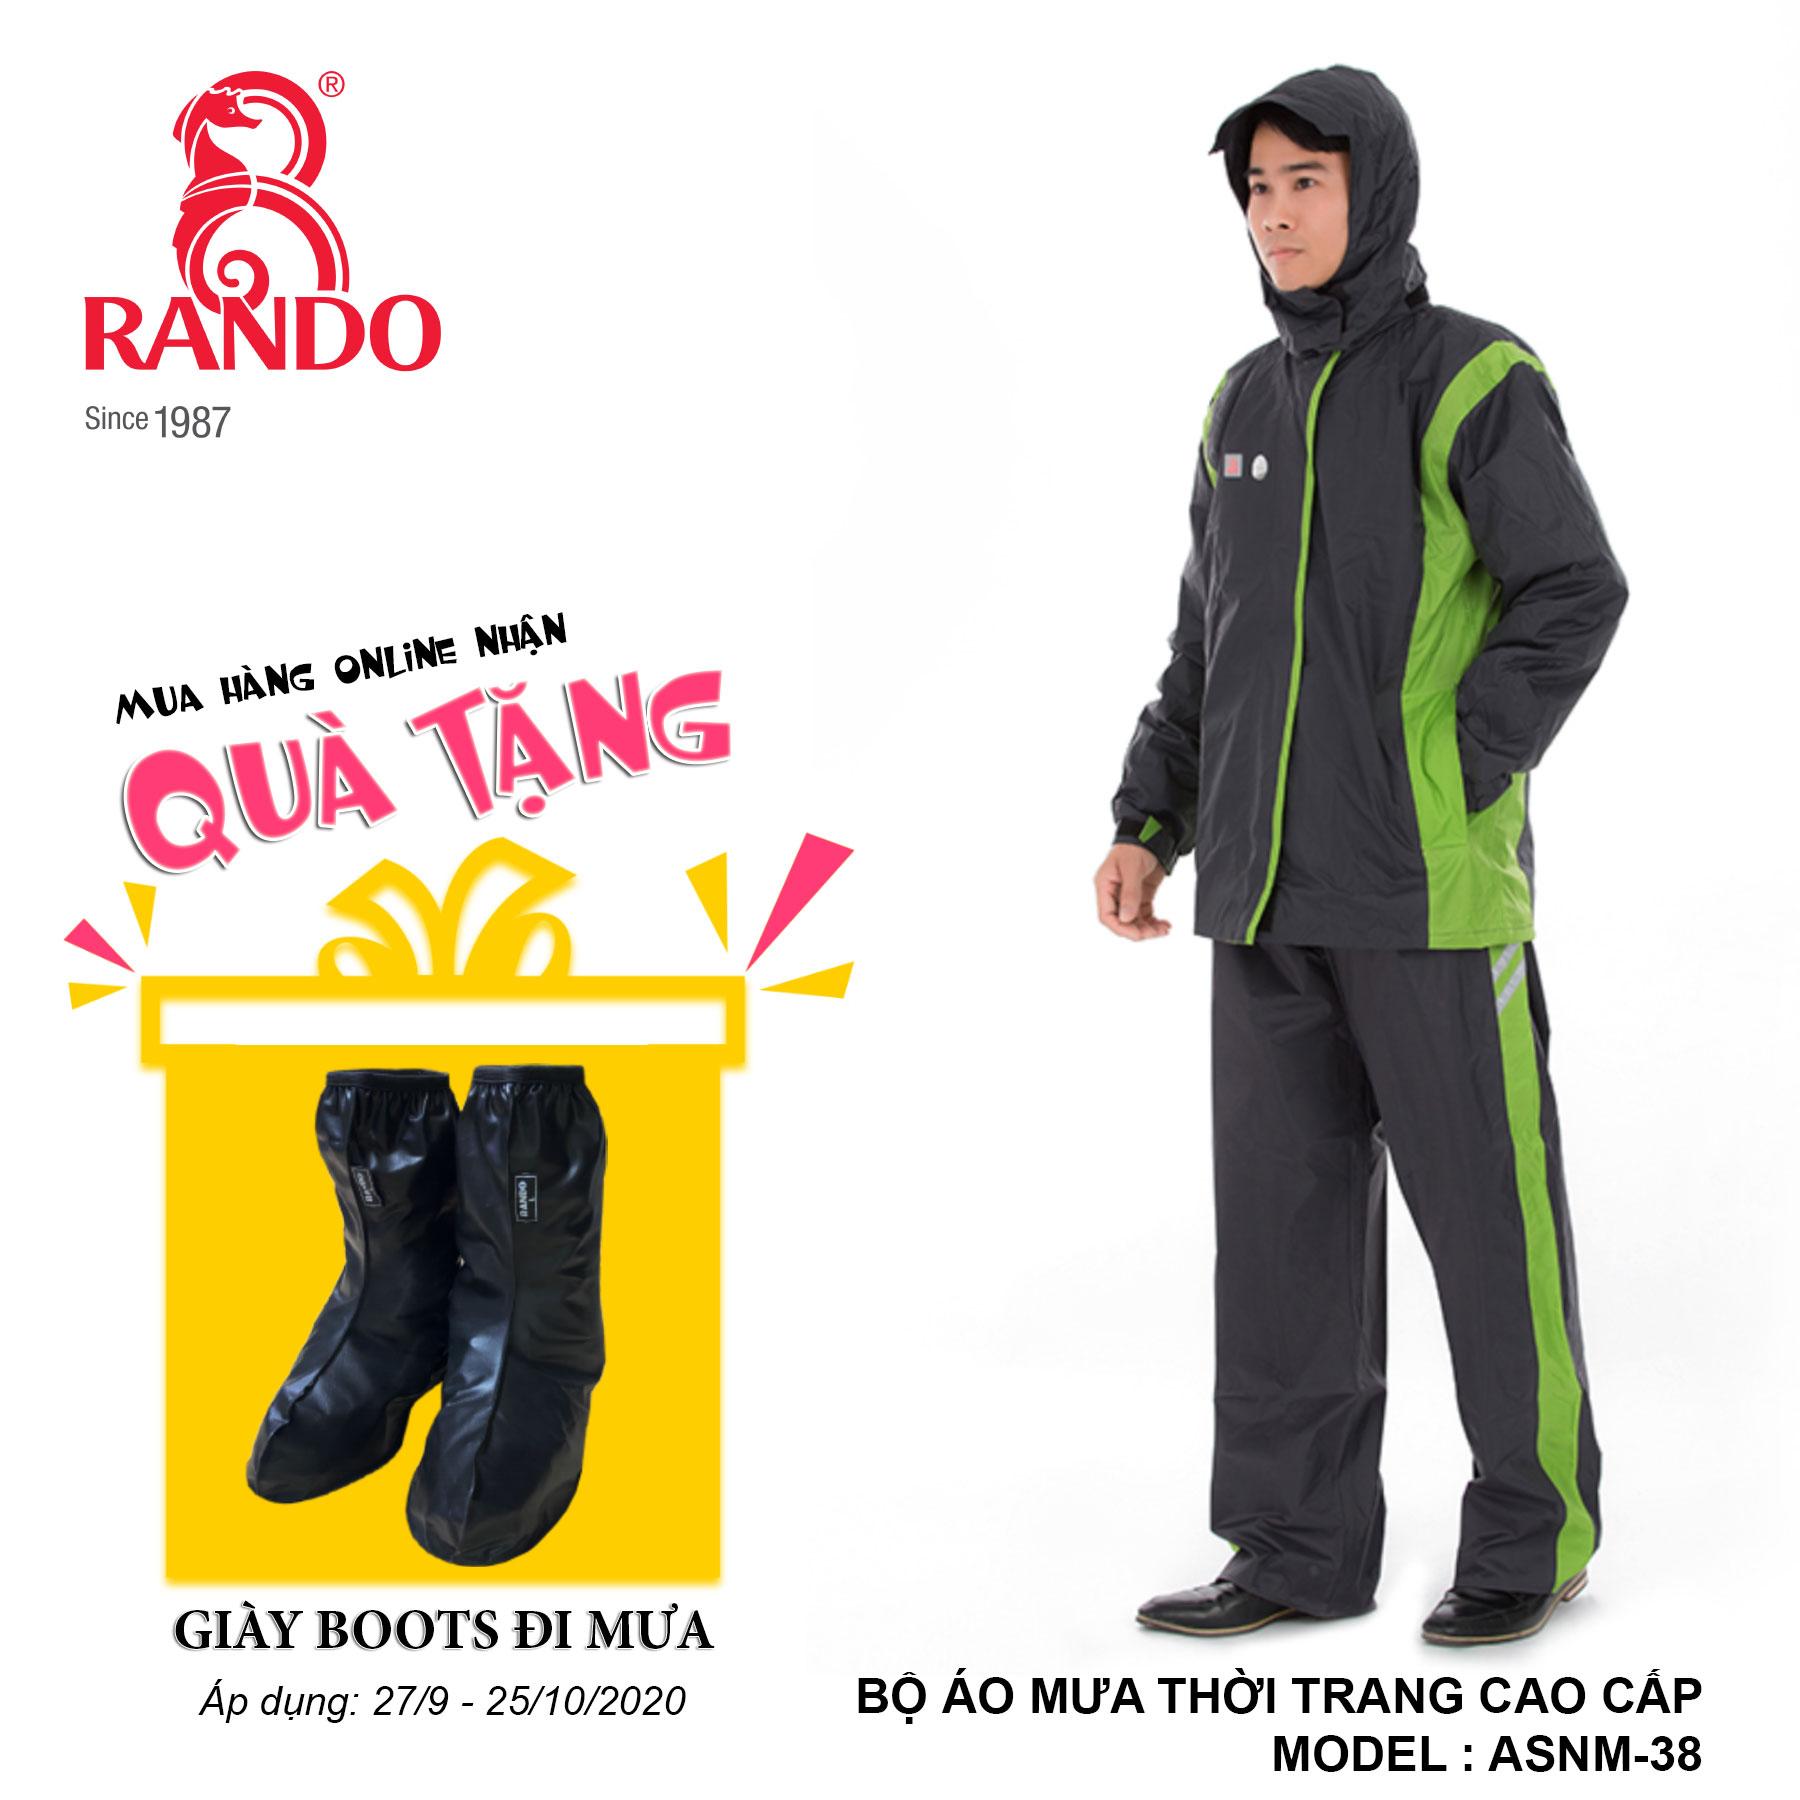 Mua bộ áo mưa TTCC tặng GIÀY BOOTS đi mưa RANDO